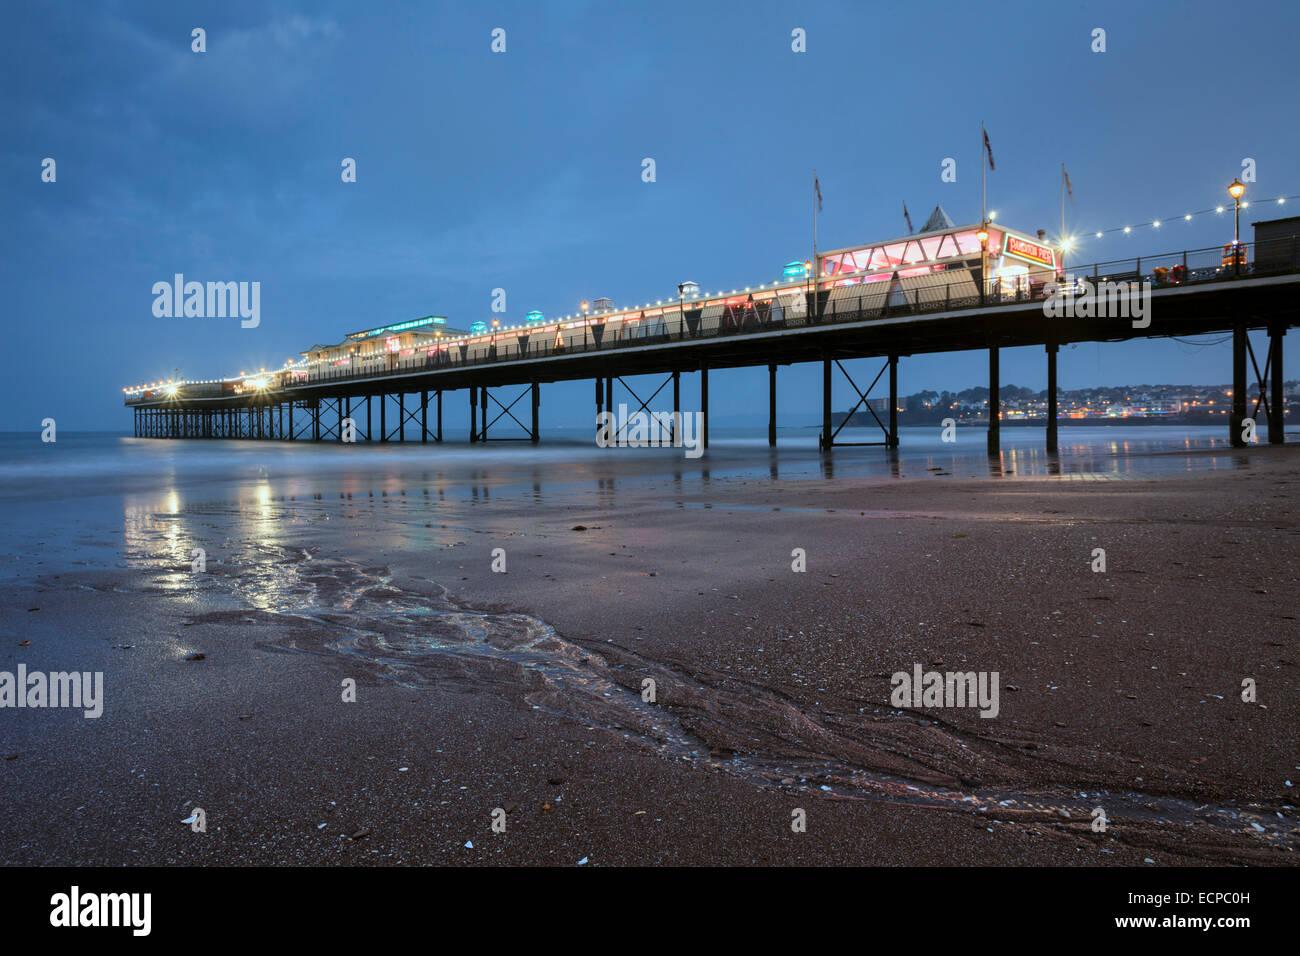 Paignton Pier capturés pendant le crépuscule. Photo Stock